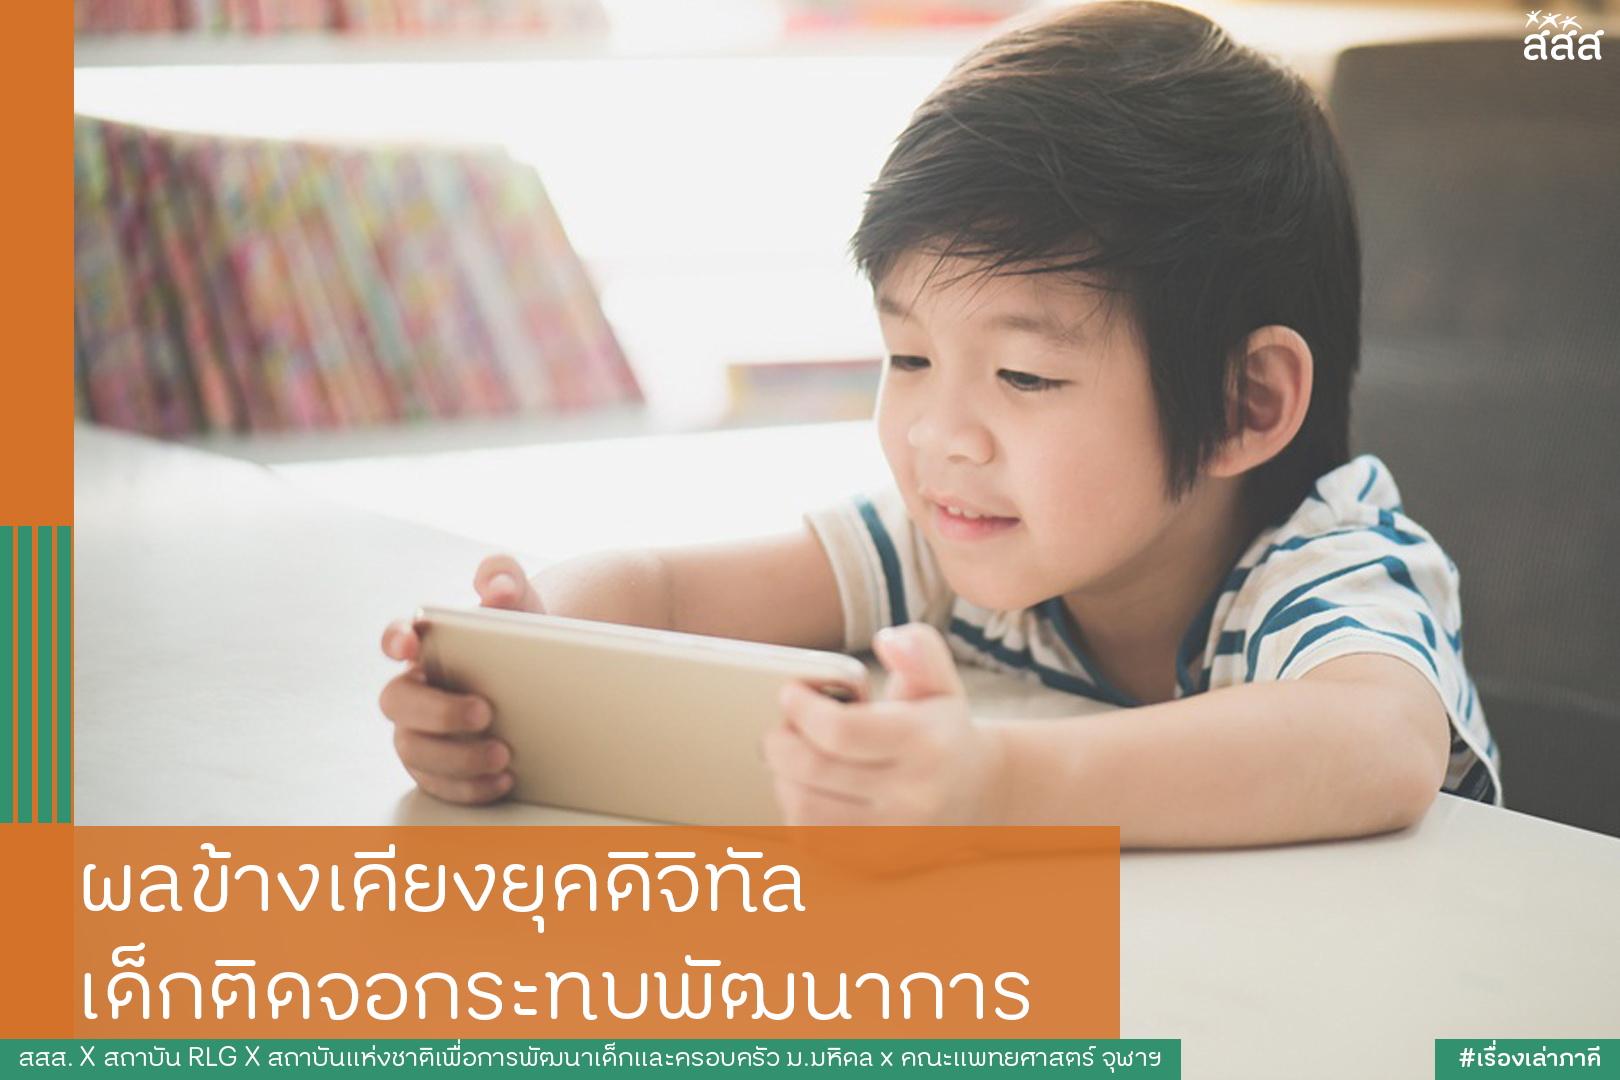 ผลข้างเคียงยุคดิจิทัล เด็กติดจอกระทบพัฒนาการ thaihealth